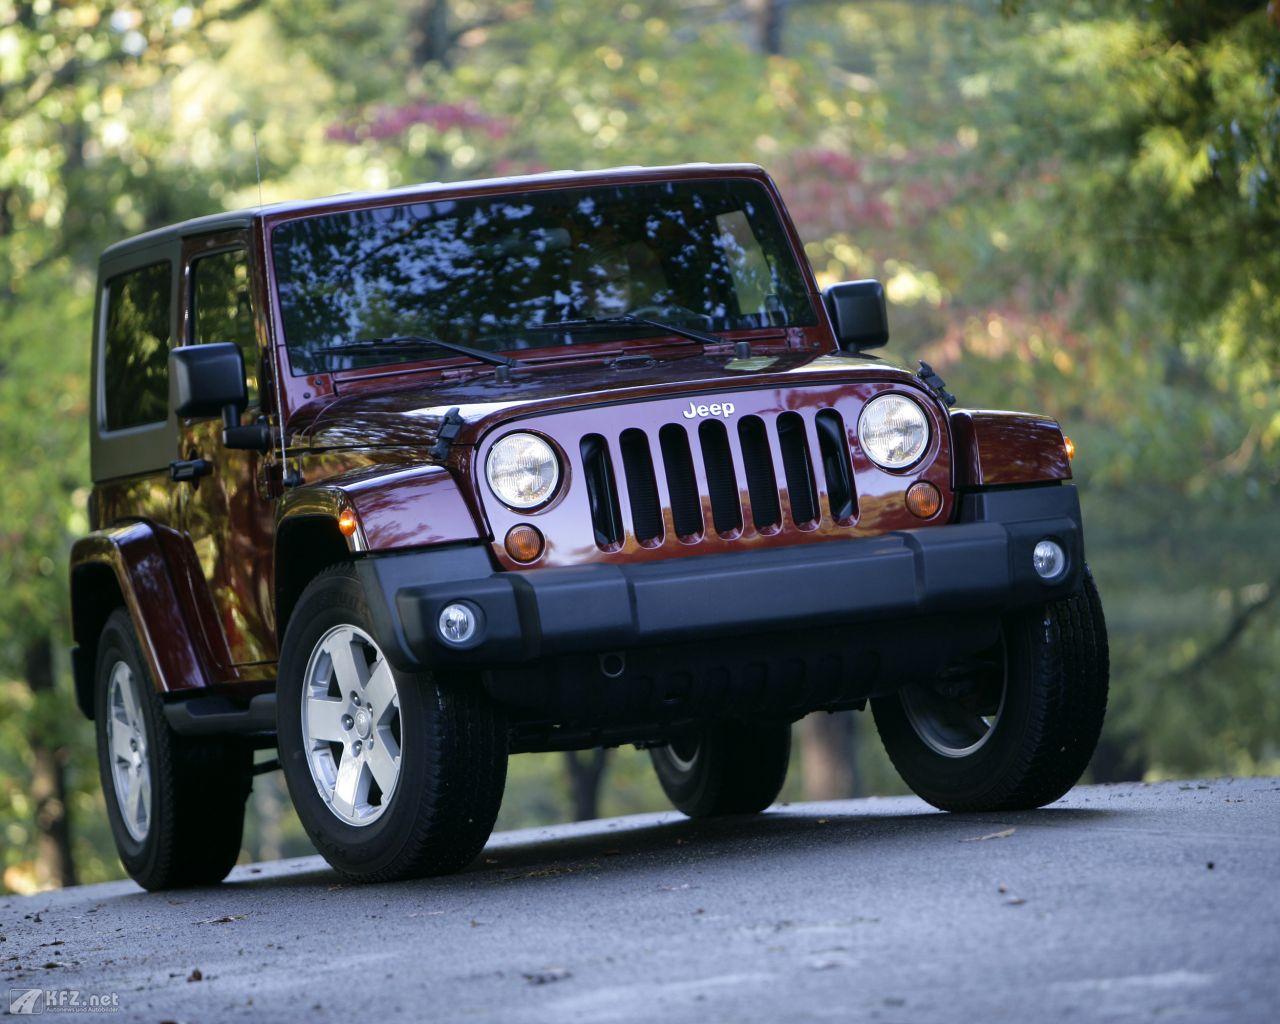 jeep-wrangler-1280x1024-7